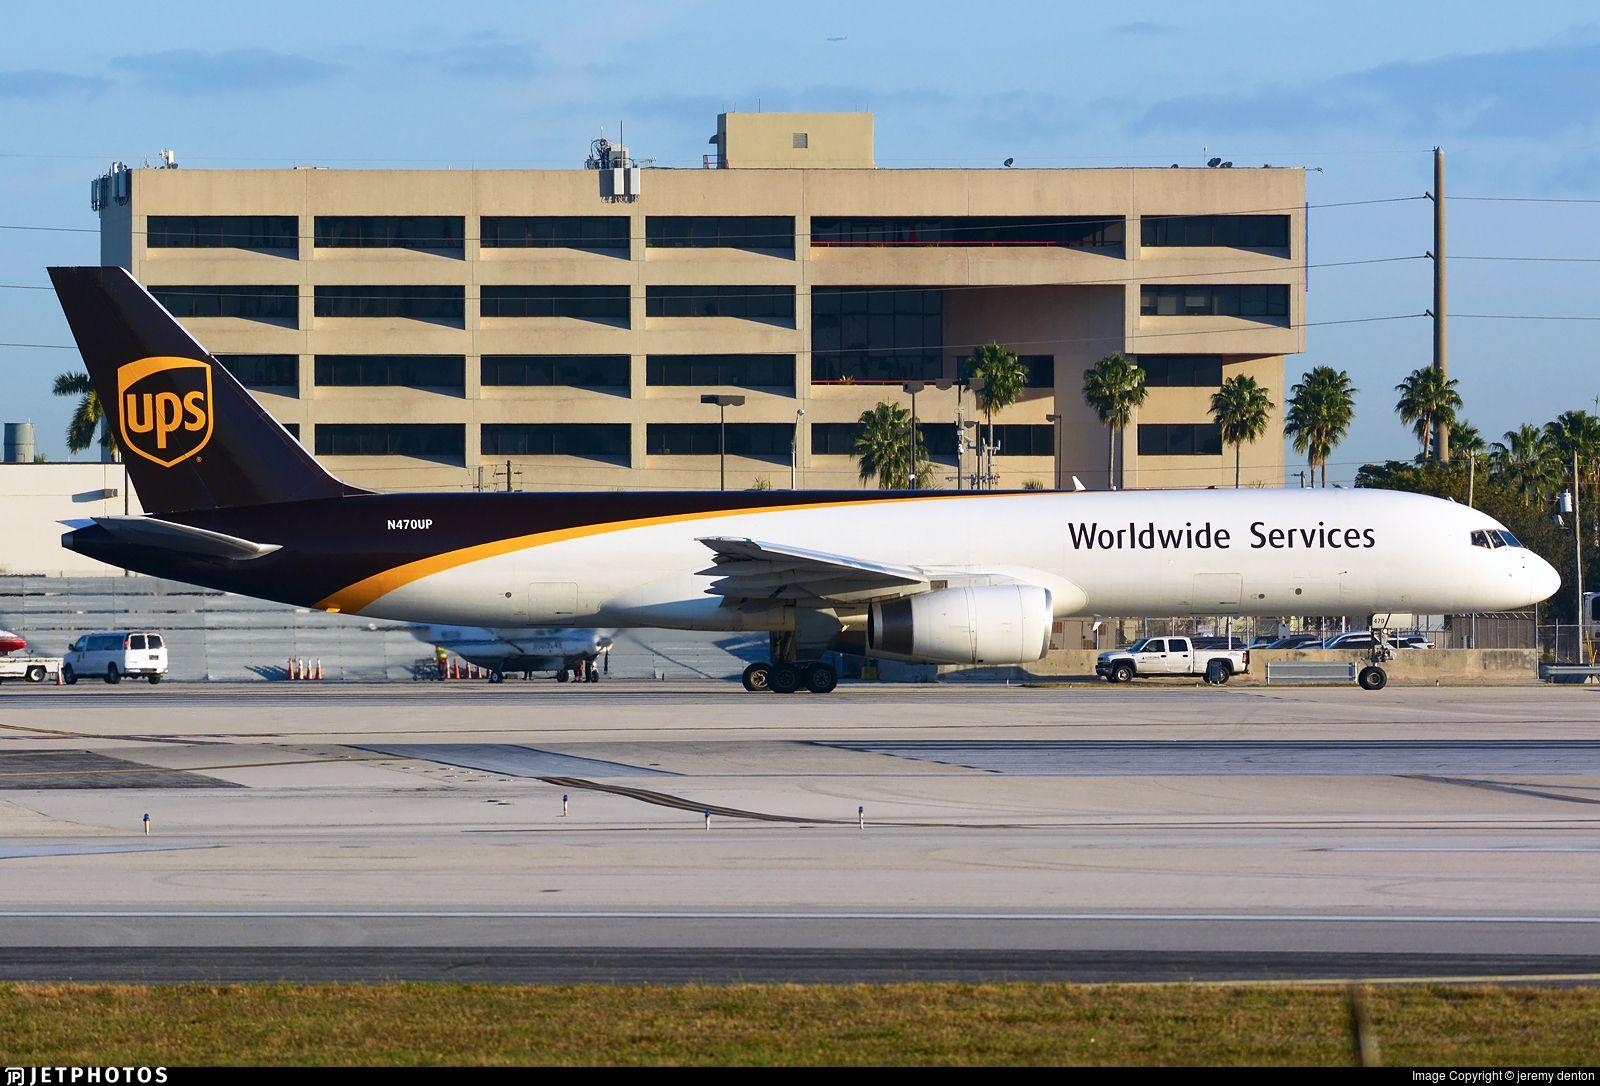 Airline United Parcel Services (UPS) Registration N470UP